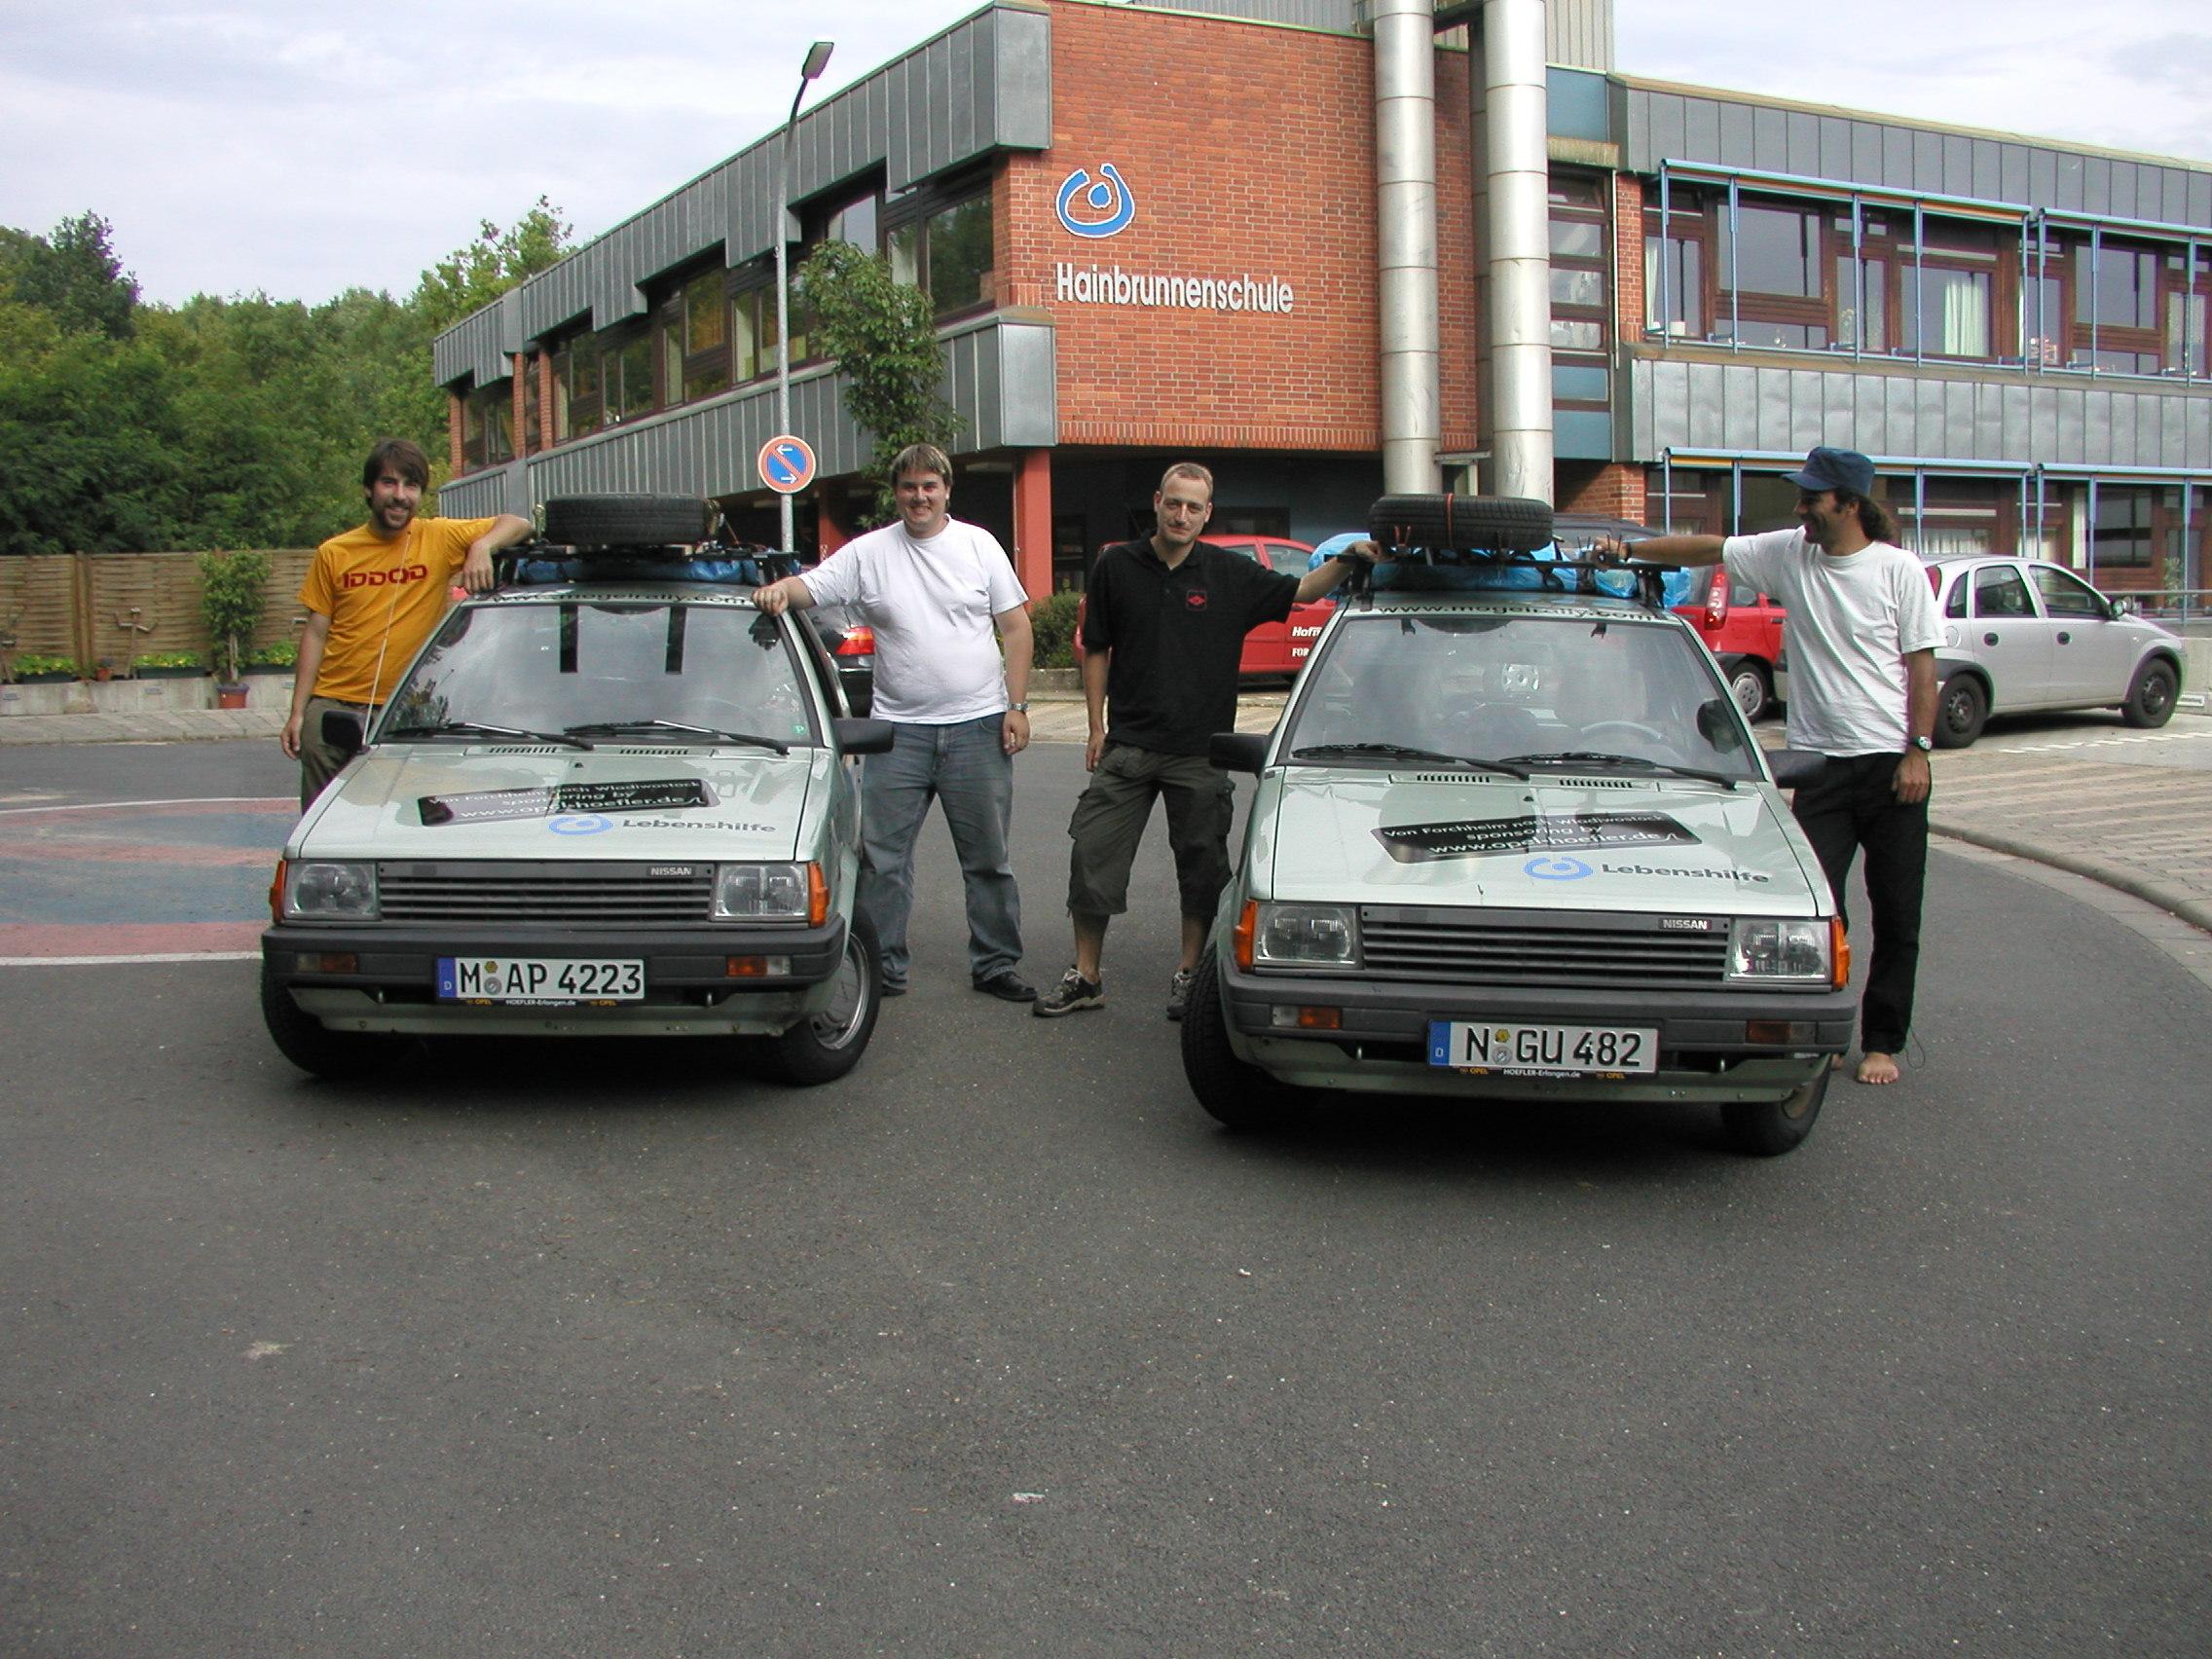 Die Teams bei ihren Fahrzeugen